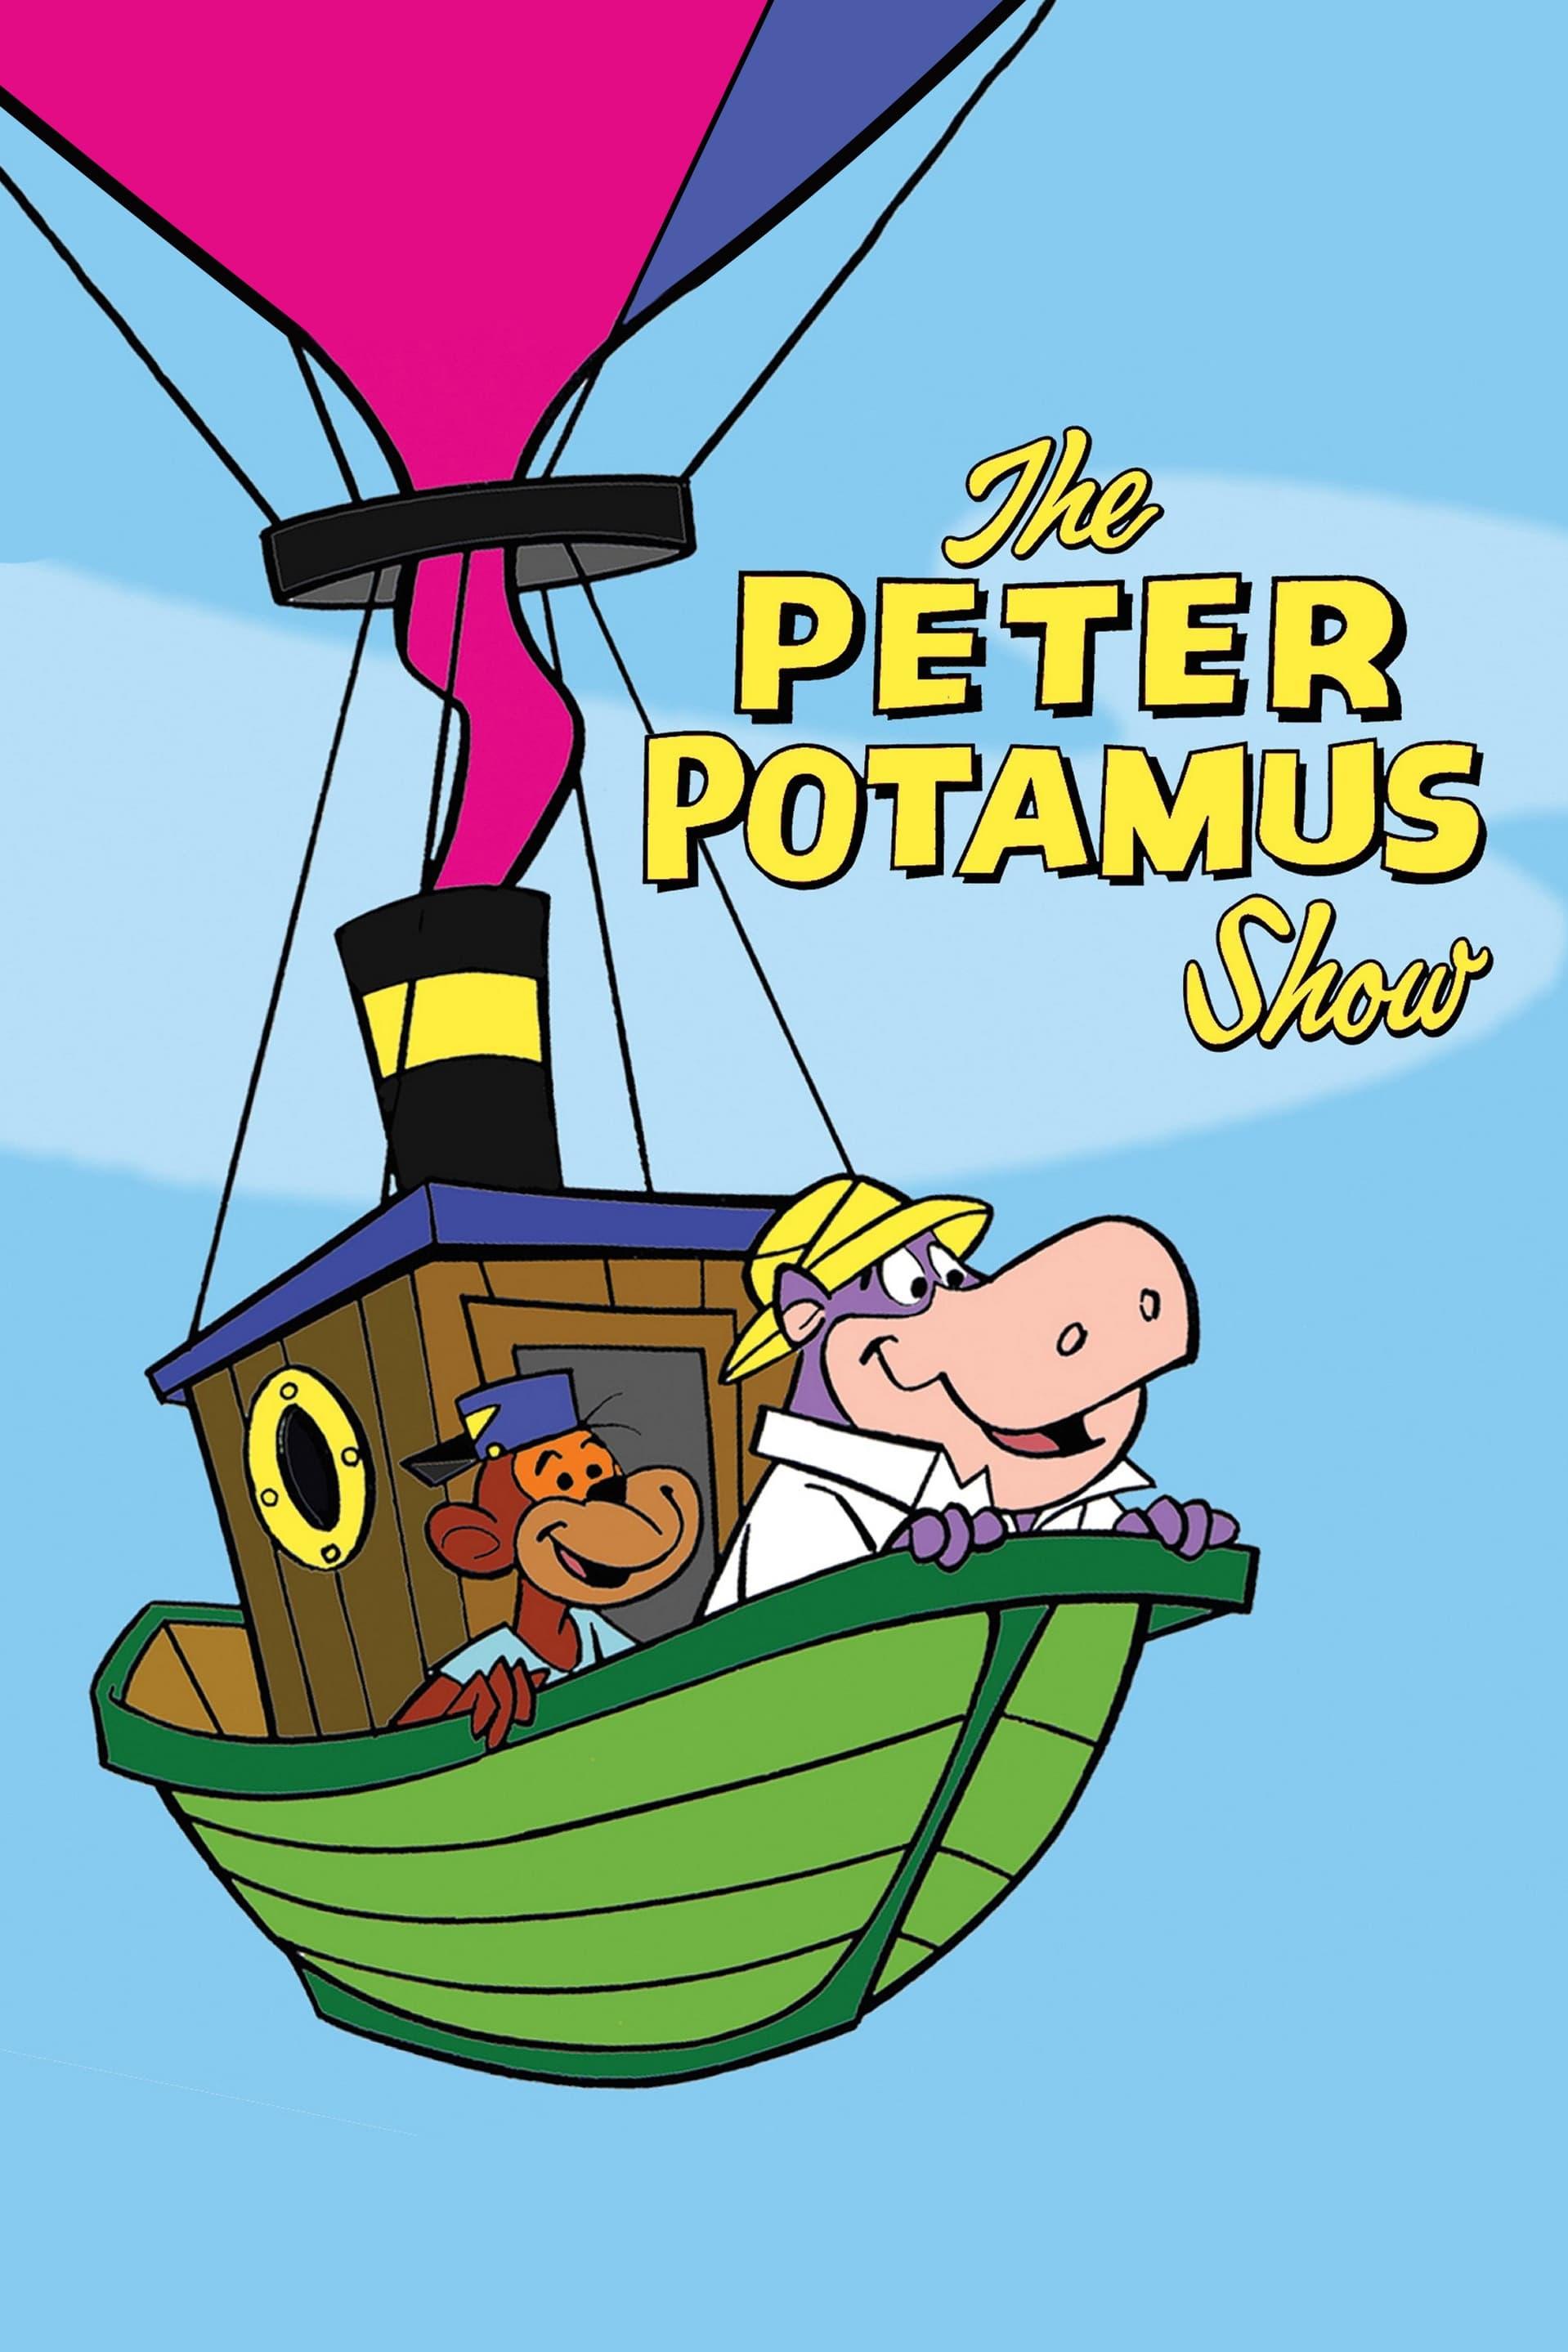 The Peter Potamus Show TV Shows About Escape